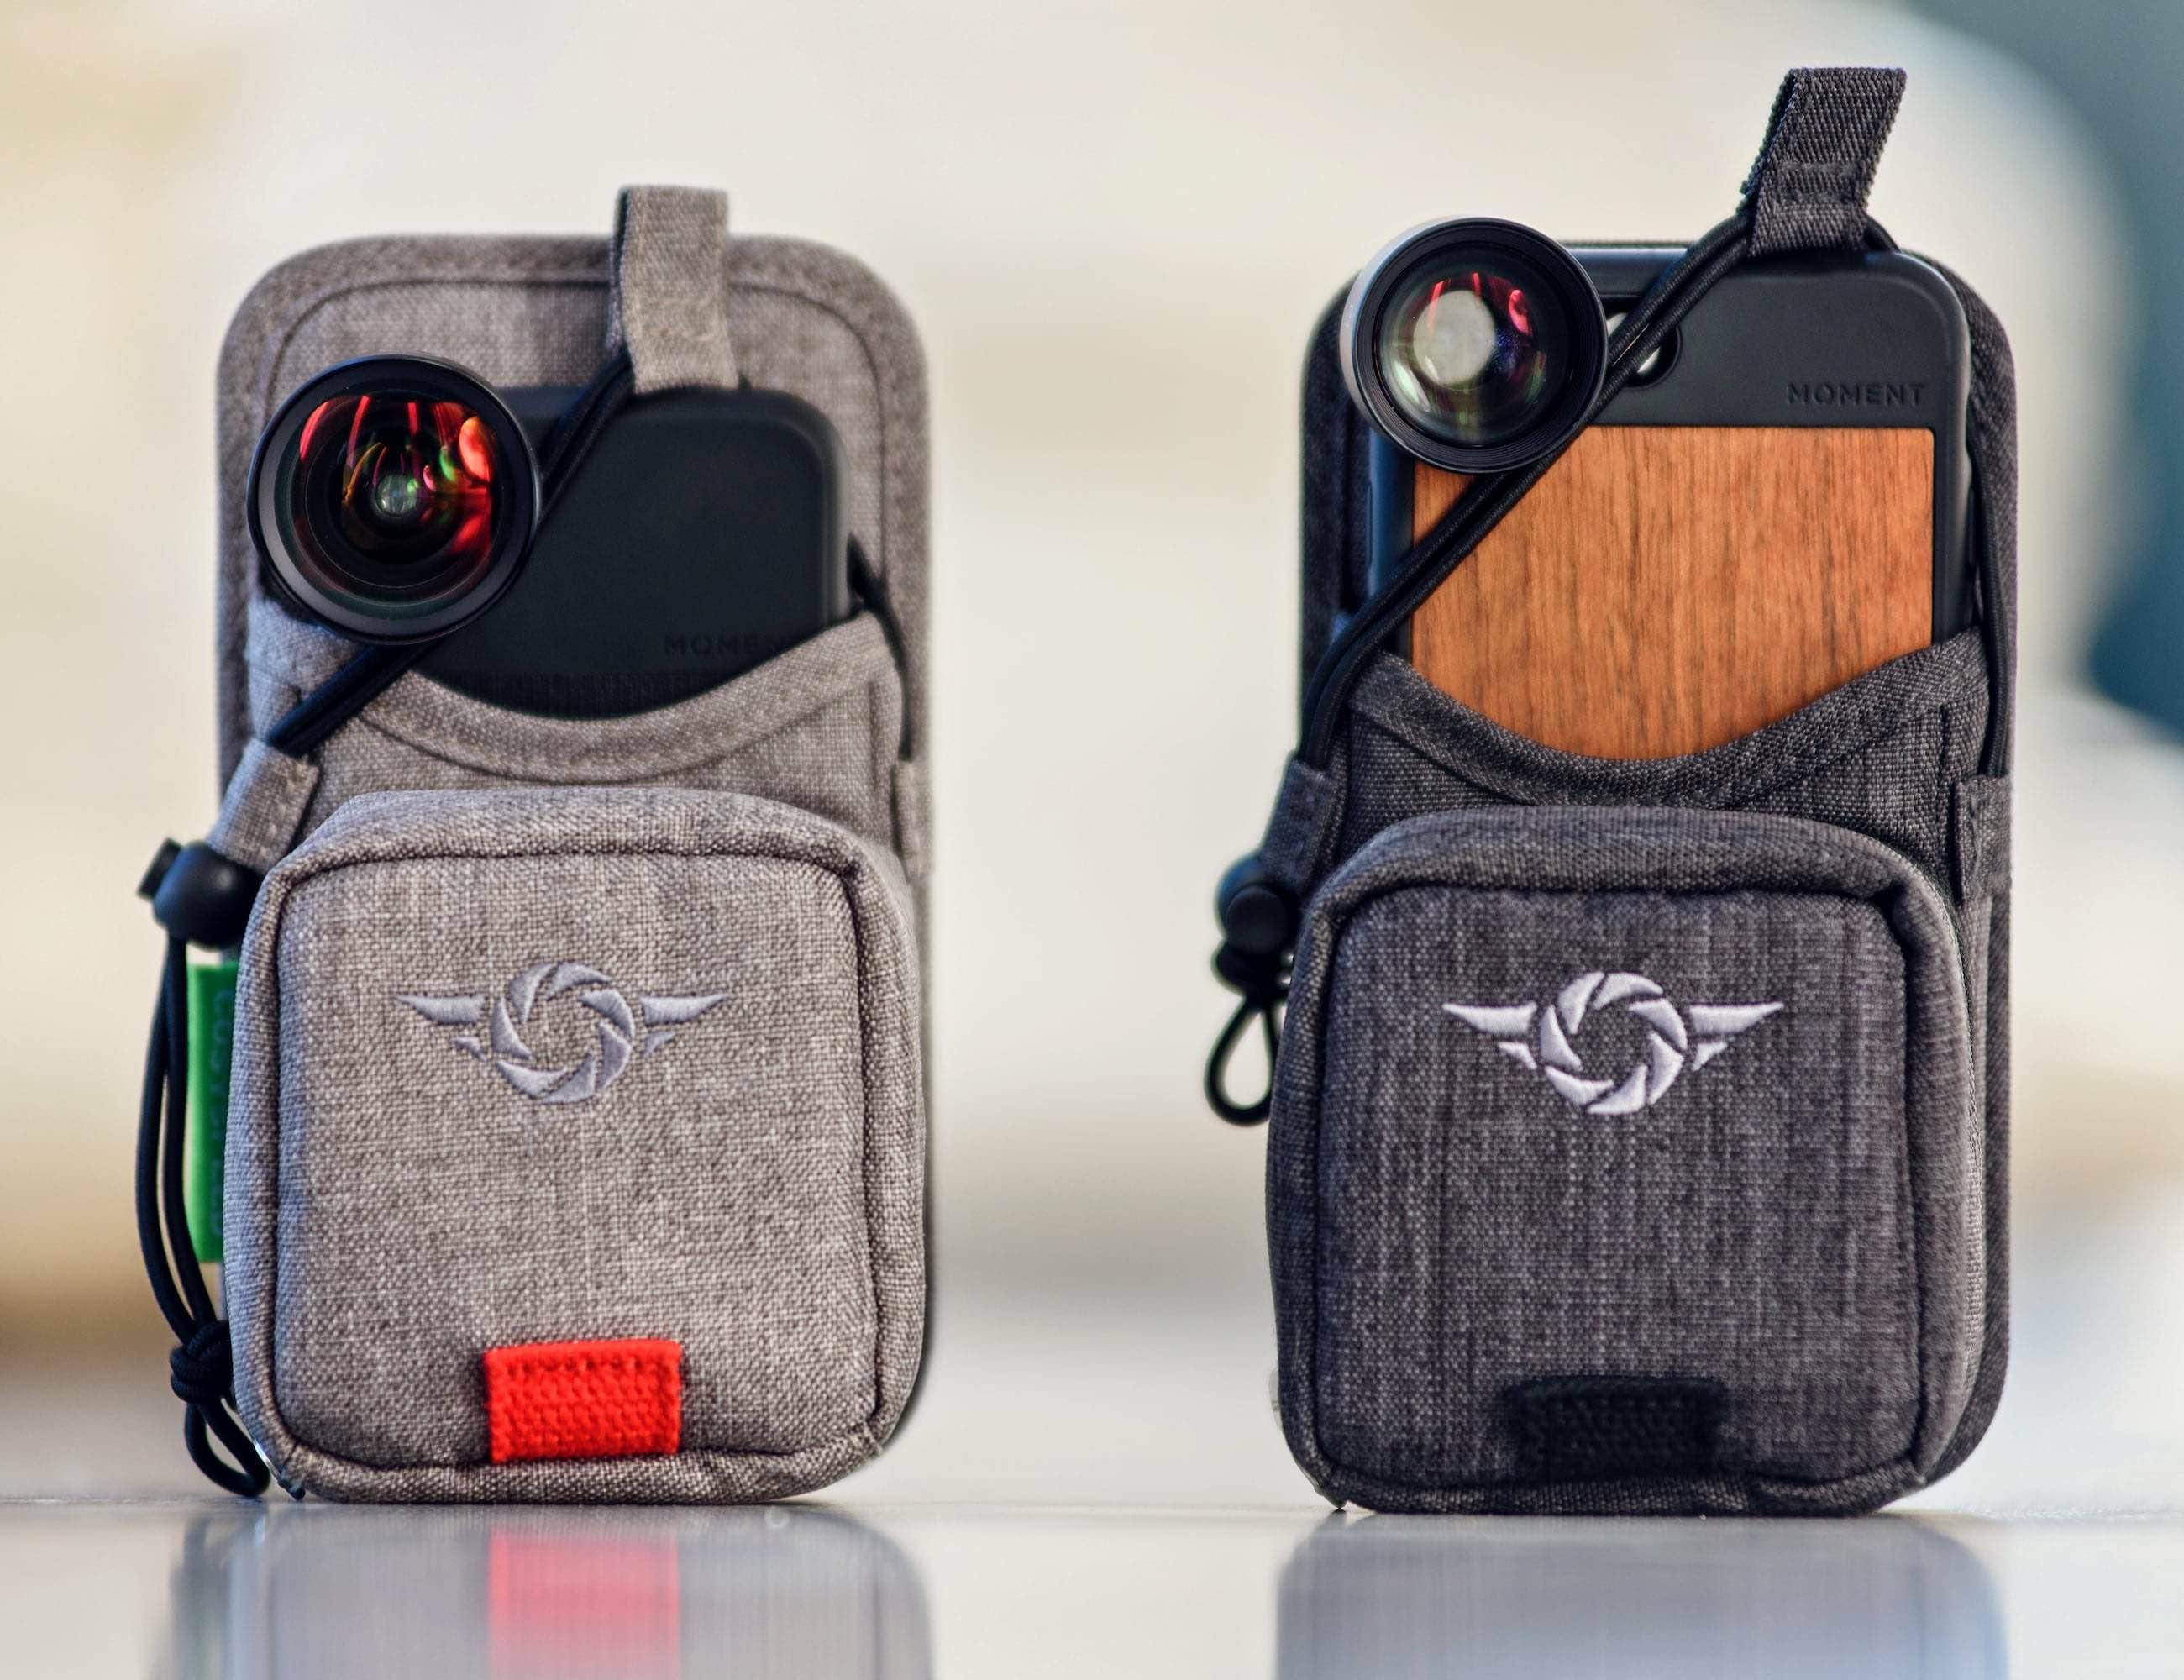 PHONESLINGER Smartphone Photography Bags » Gadget Flow